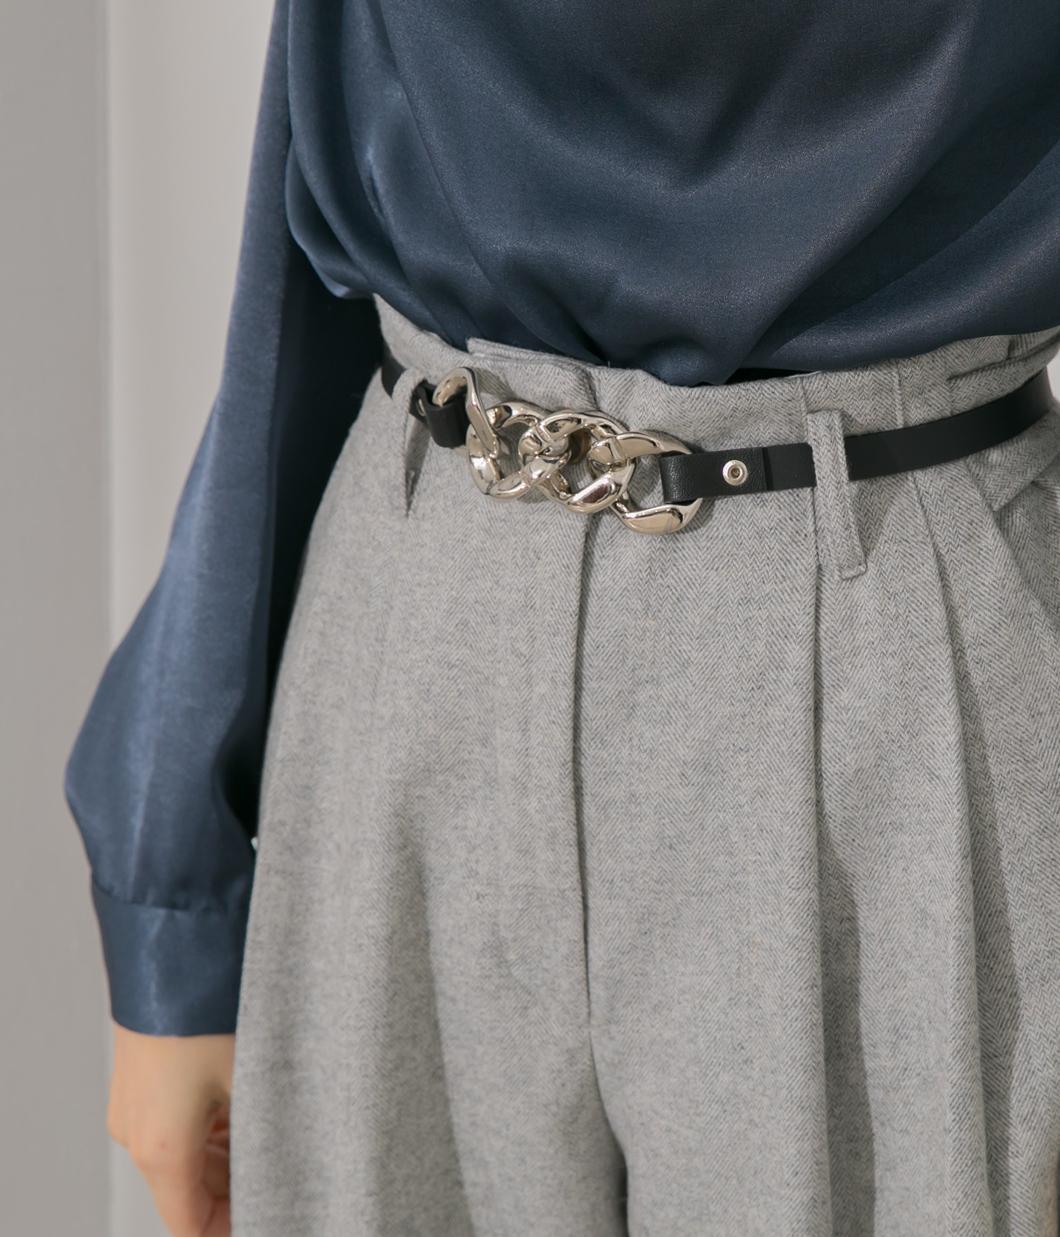 交疊金屬造型皮革腰帶